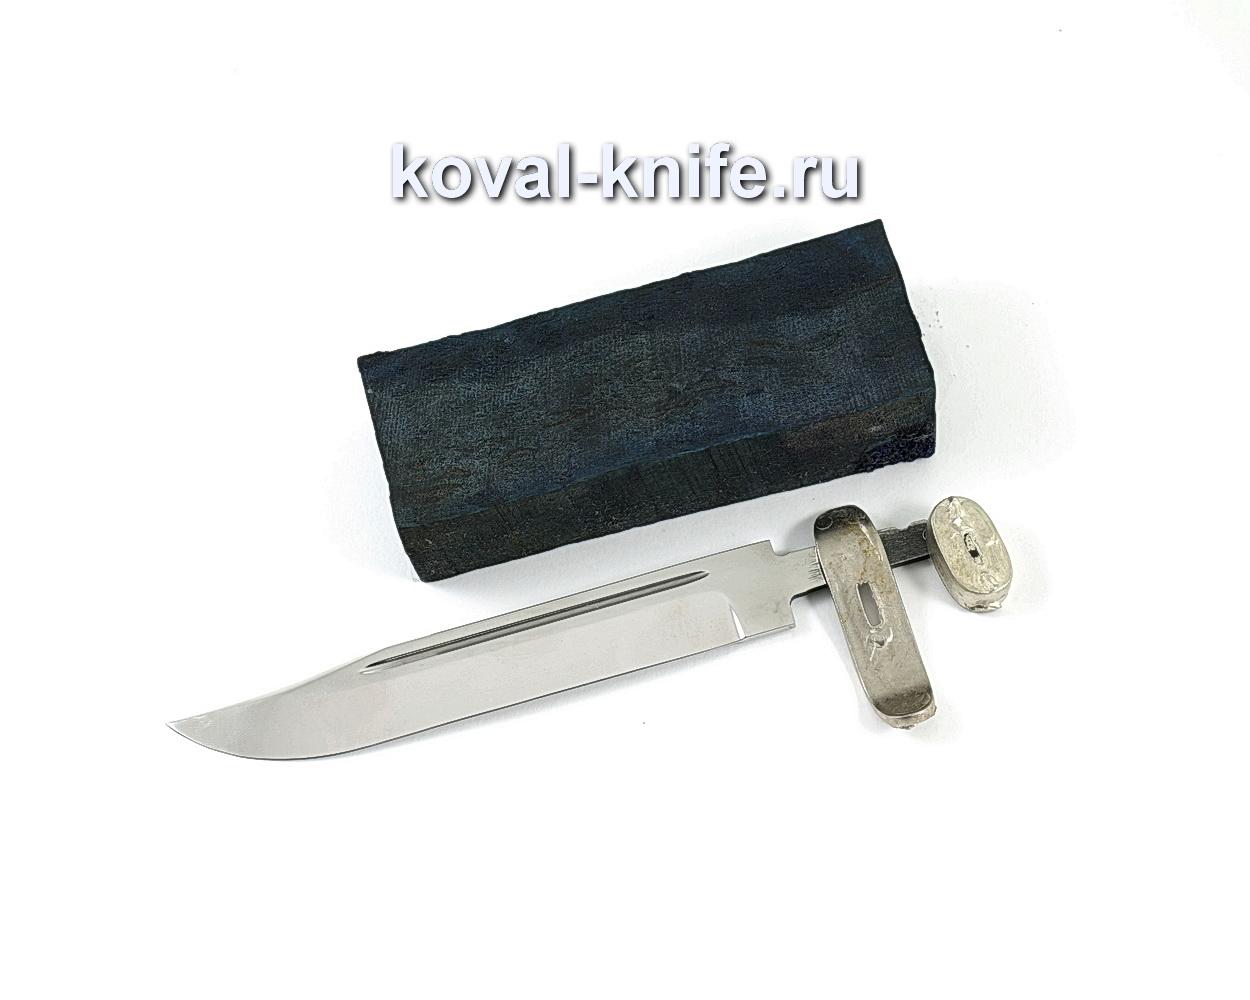 Комплект для ножа НР-40 2 (клинок кованая 95х18 3,5-5мм, литье 2шт., граб брусок)